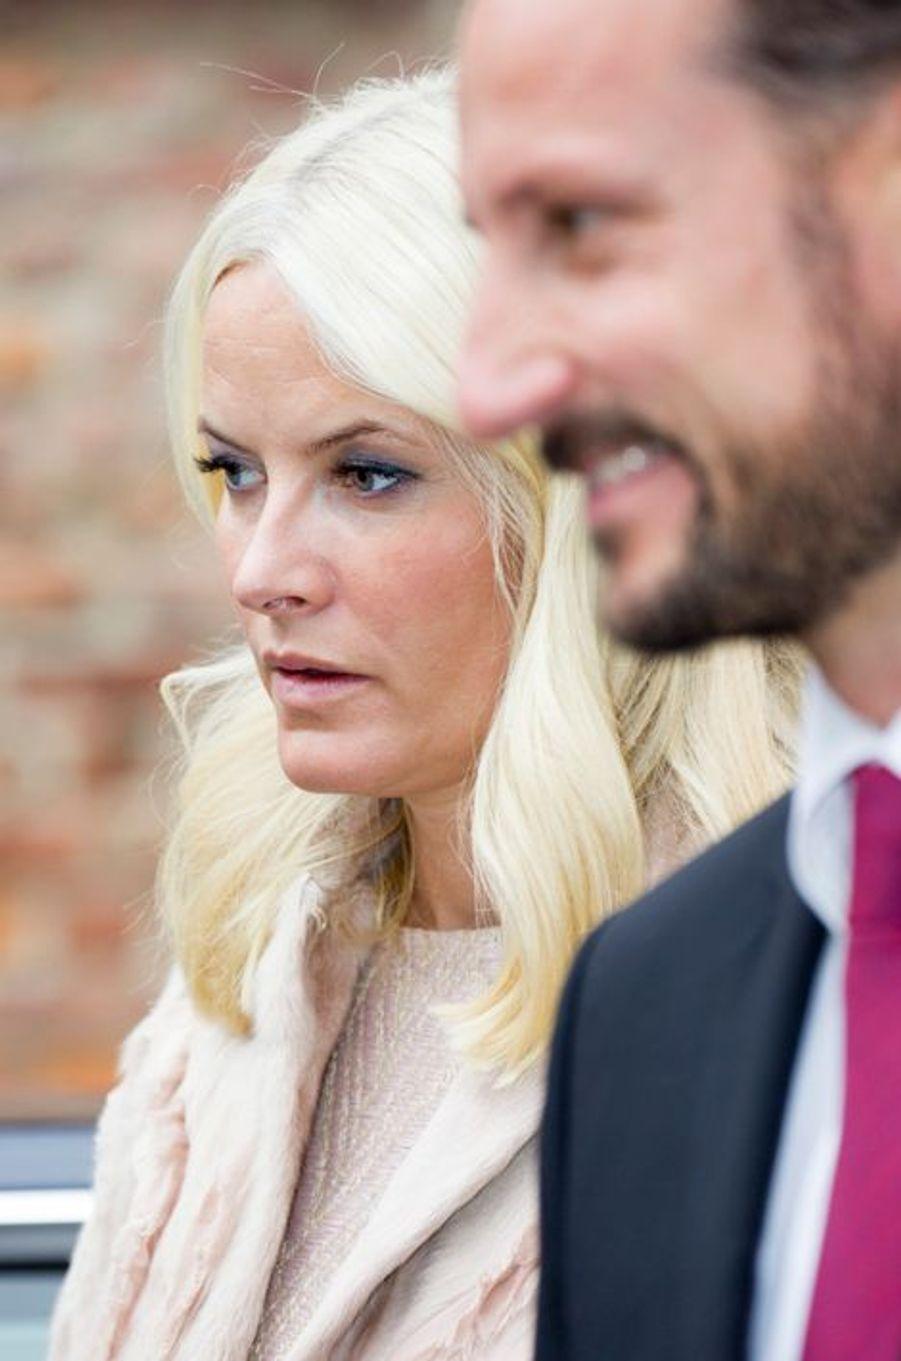 La princesse Mette-Marit de Norvège et le prince Haakon lors du voyage officiel du président indien Pranab Mukherjee à Oslo le 14 octobre 2014